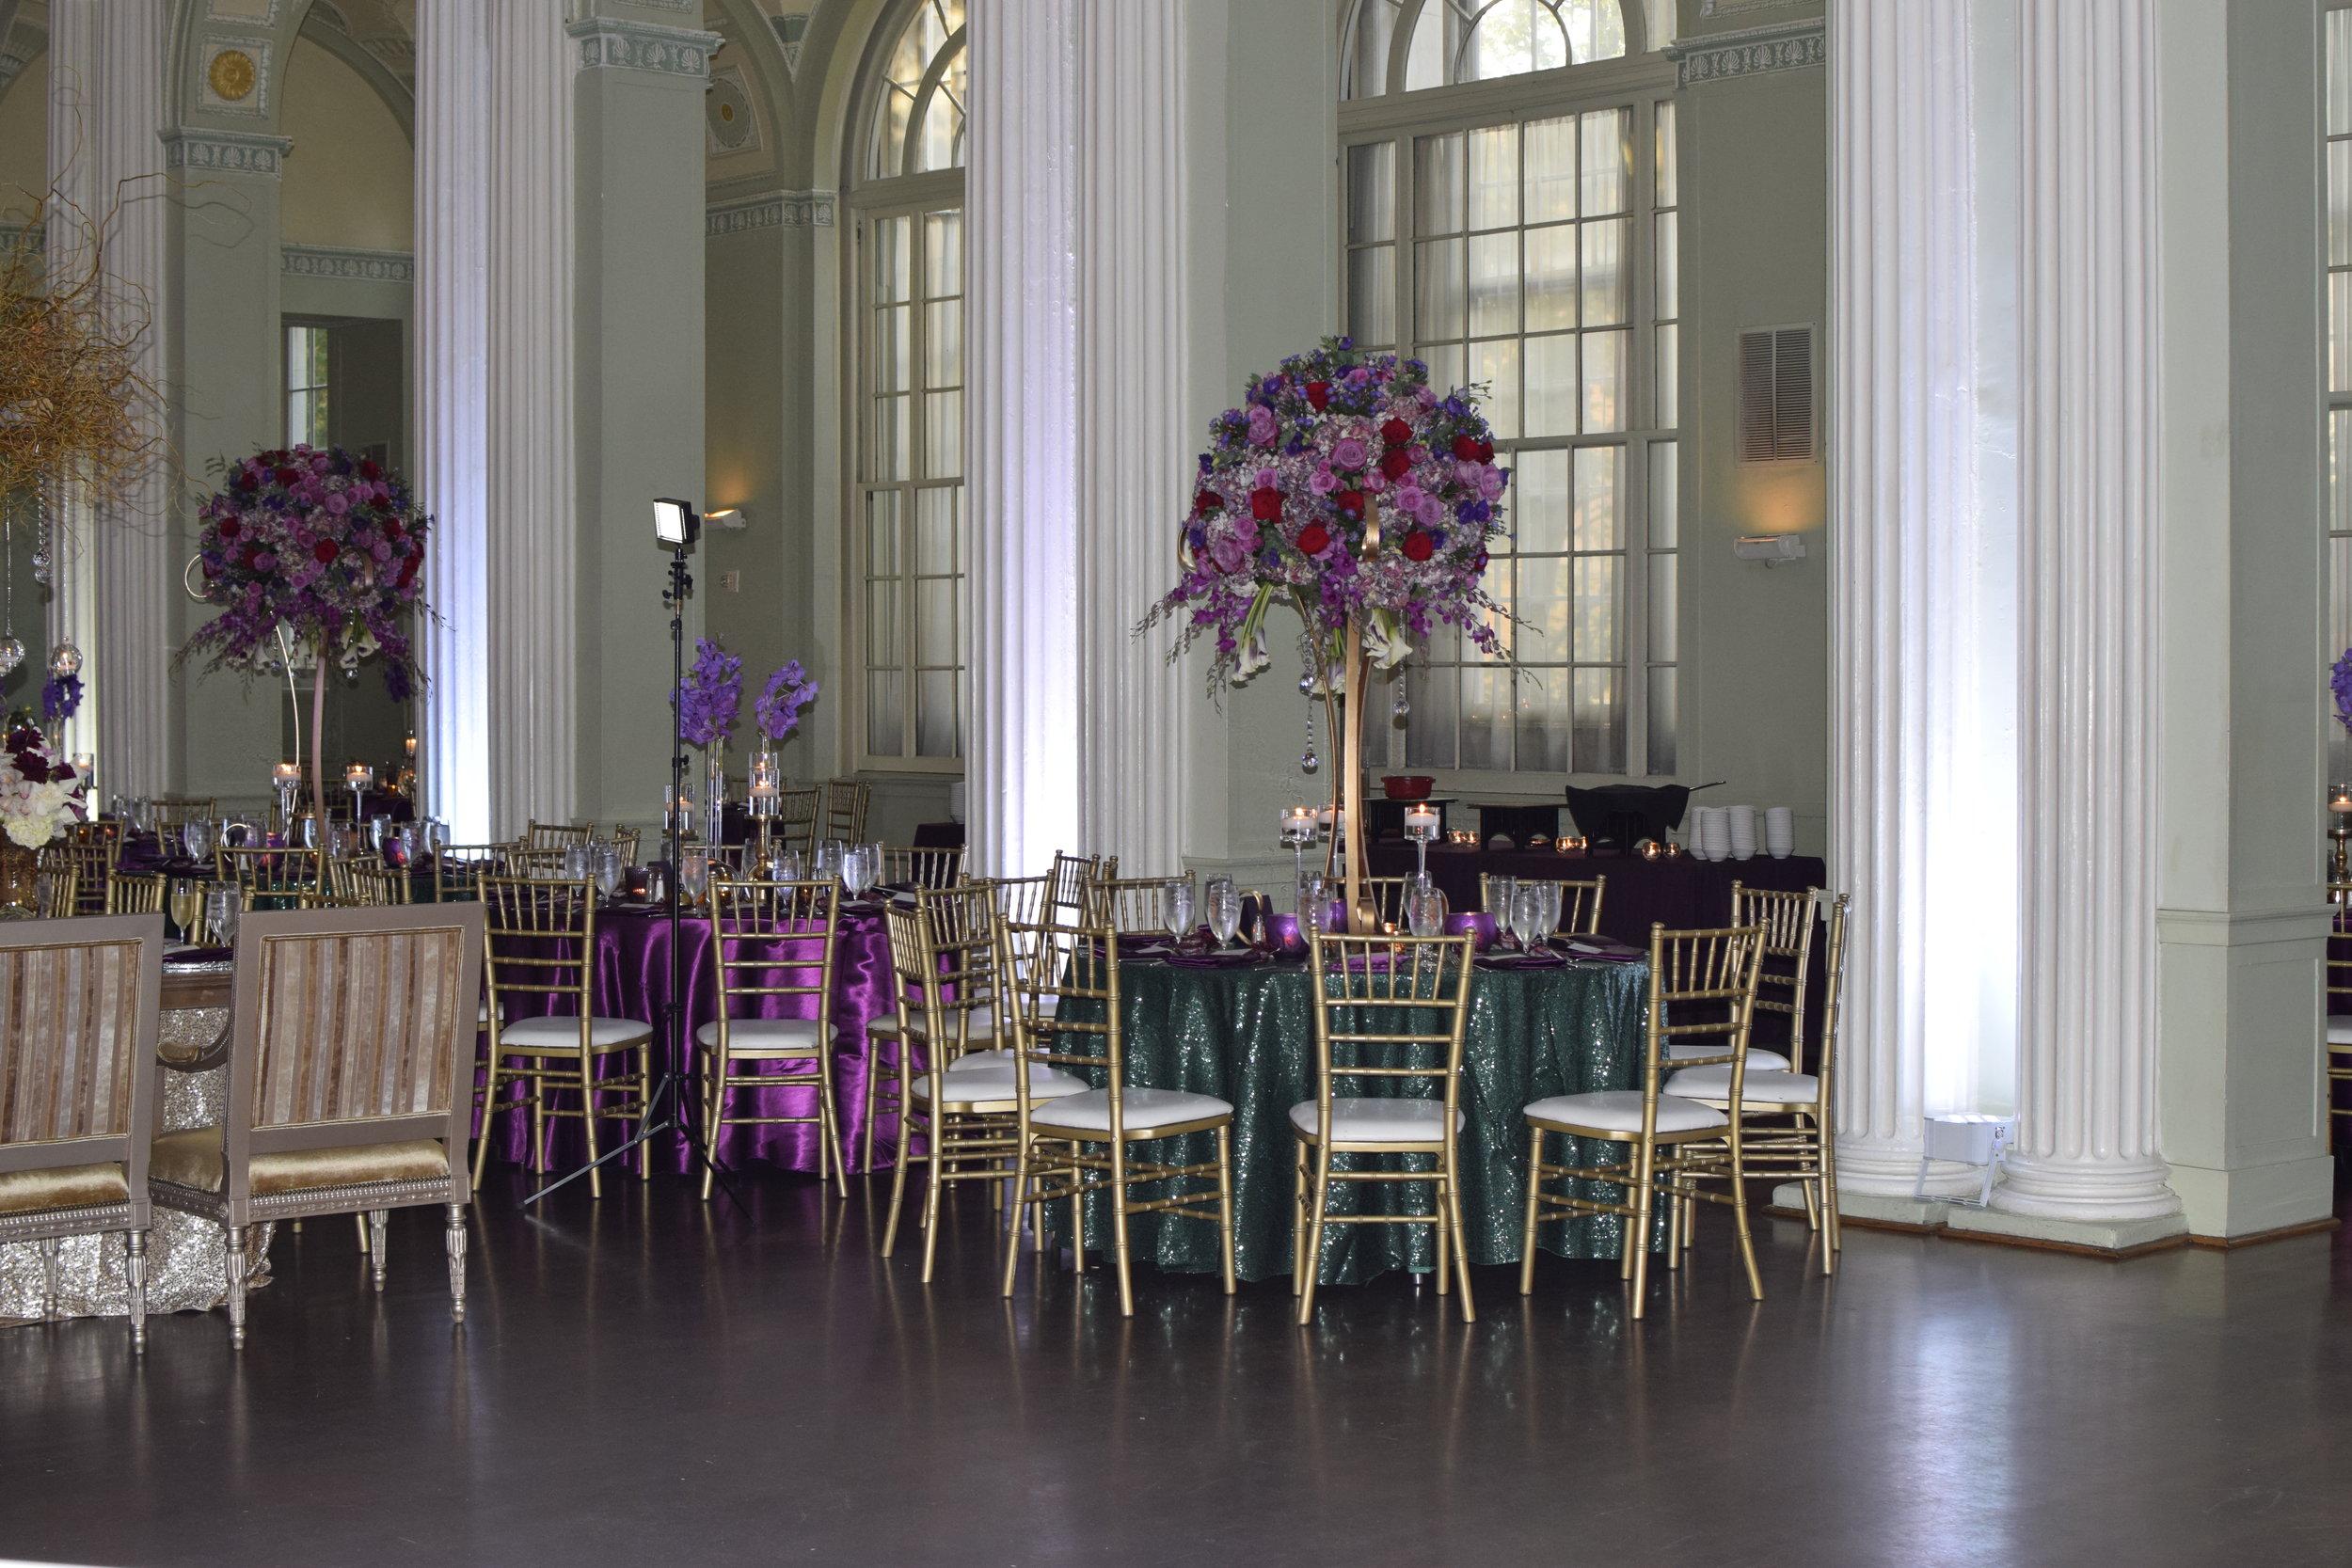 10-02-16 Emanuel Wedding - Biltmore Ballrooms, Atlanta GA (6).JPG